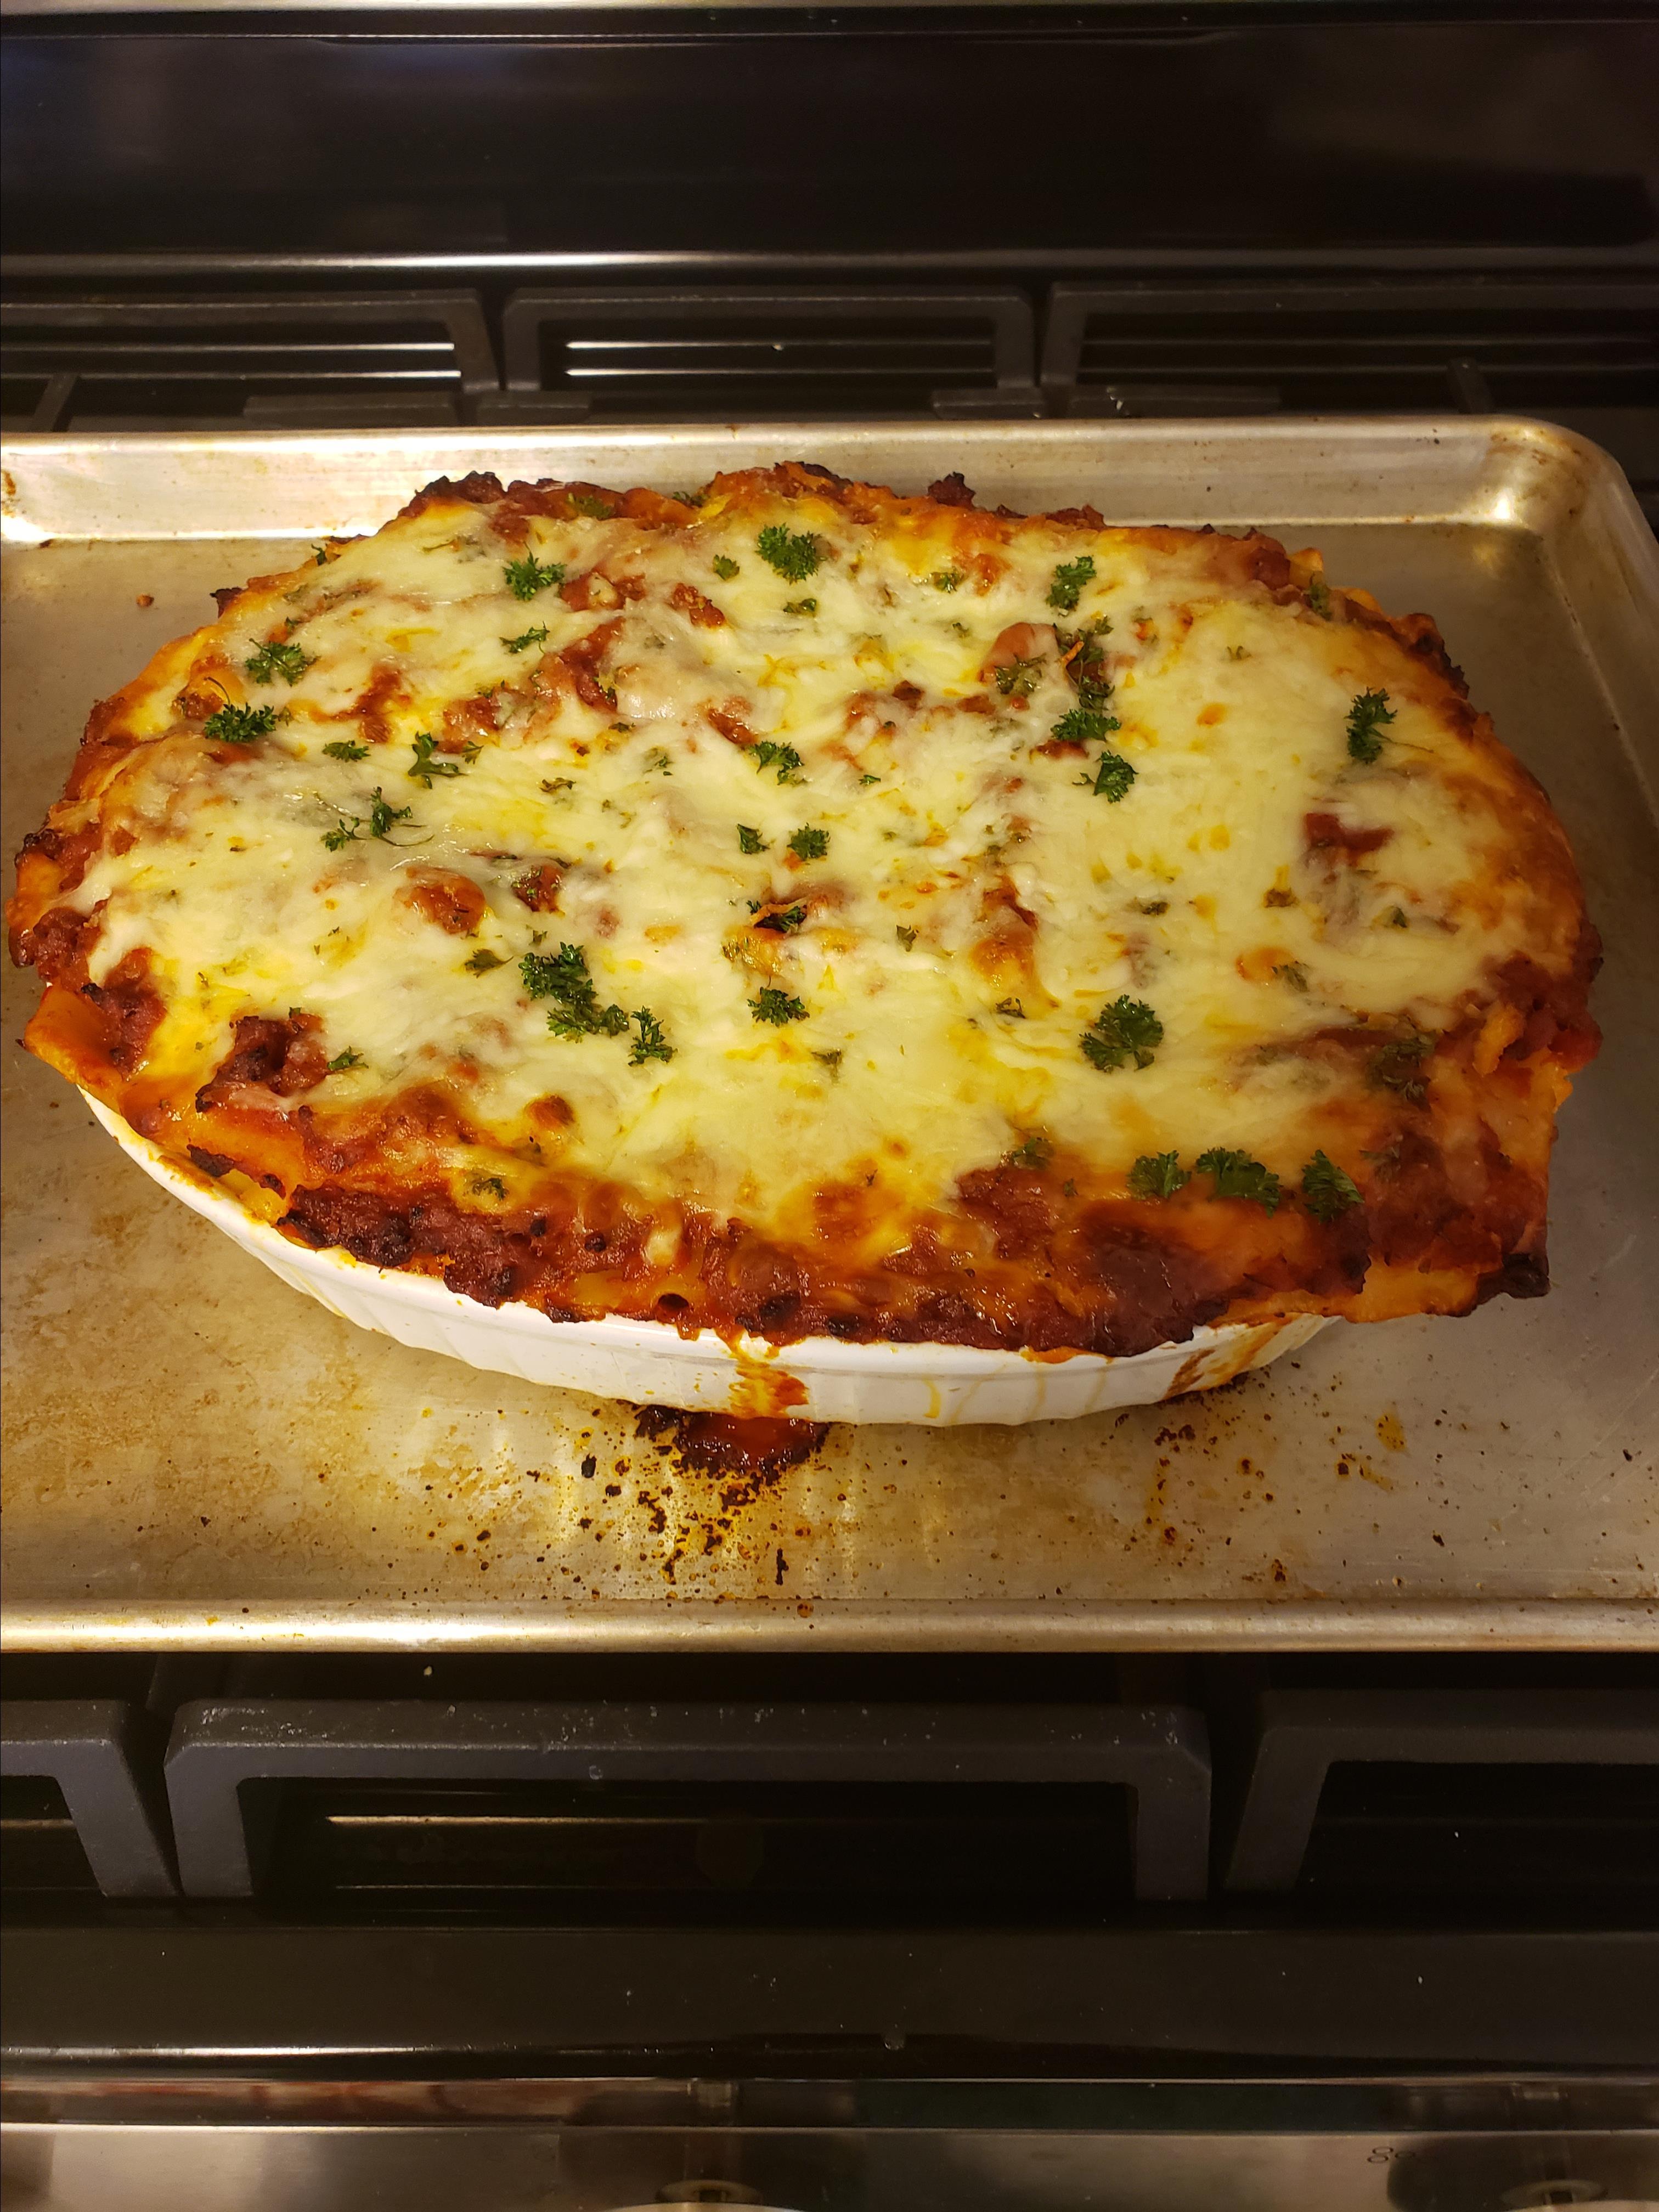 Chef John's Lasagna cmg0179